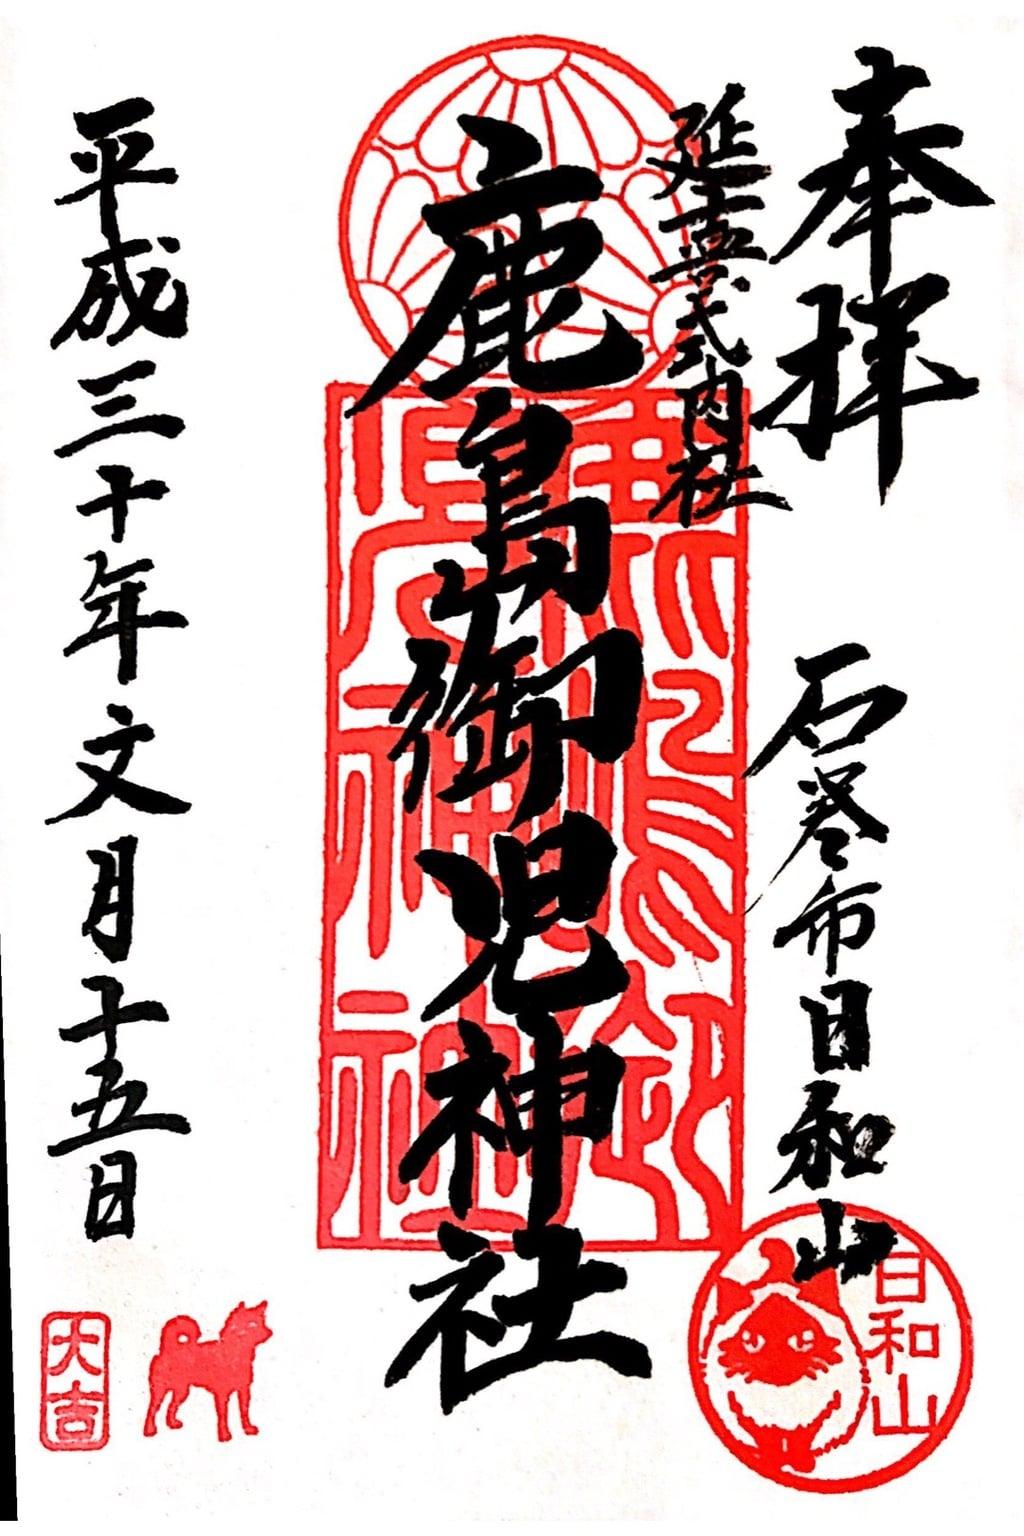 鹿島御児神社の御朱印